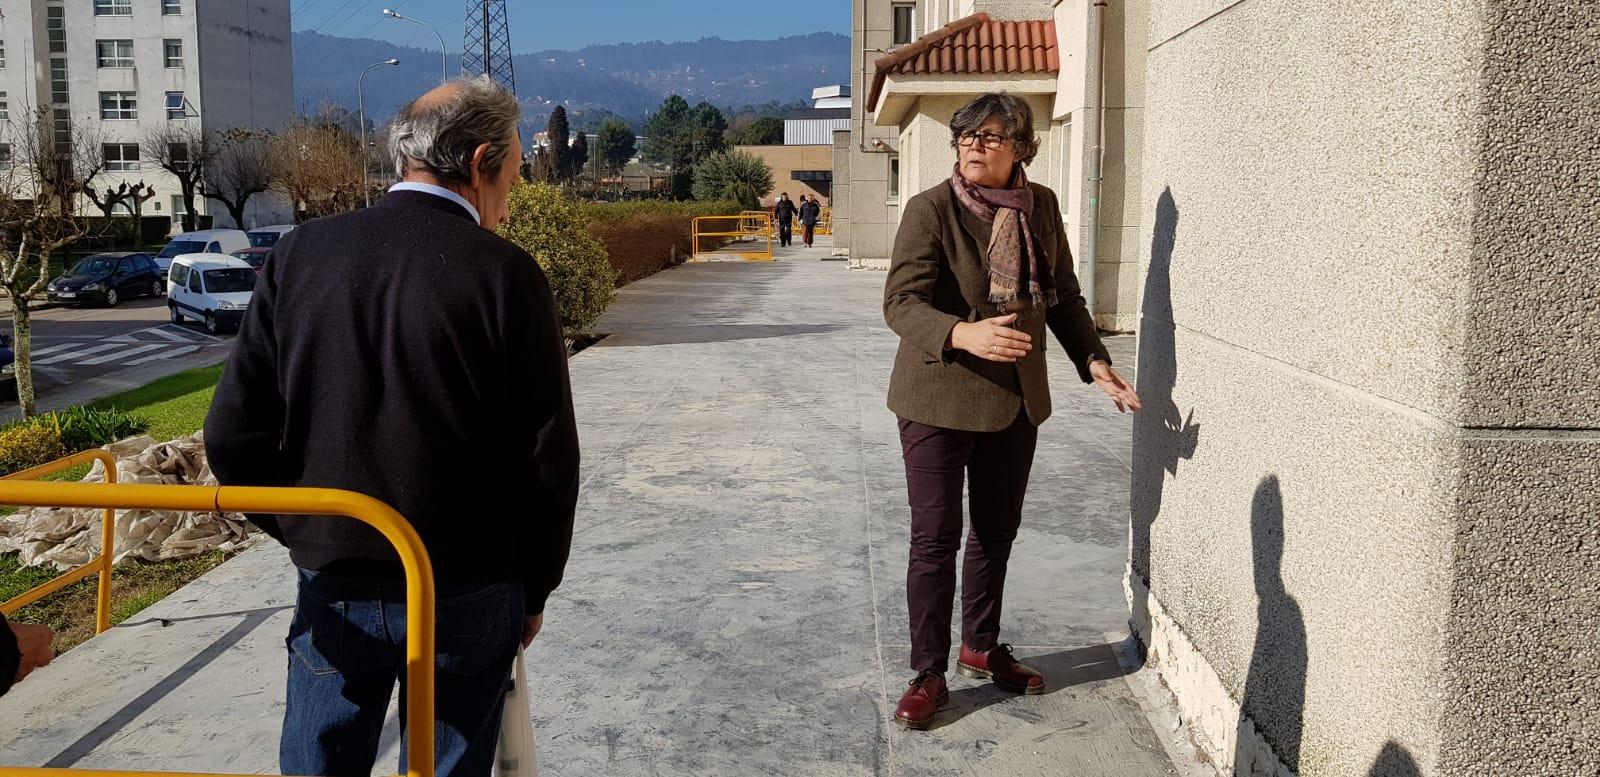 A alcaldesa asume persoalmente a solución do problema de filtracións de auga do edificio da Fase V de Torneiros, no que xa empezaron as obras que contan cun orzamento de 294.000€ e estarán rematadas en 3 meses